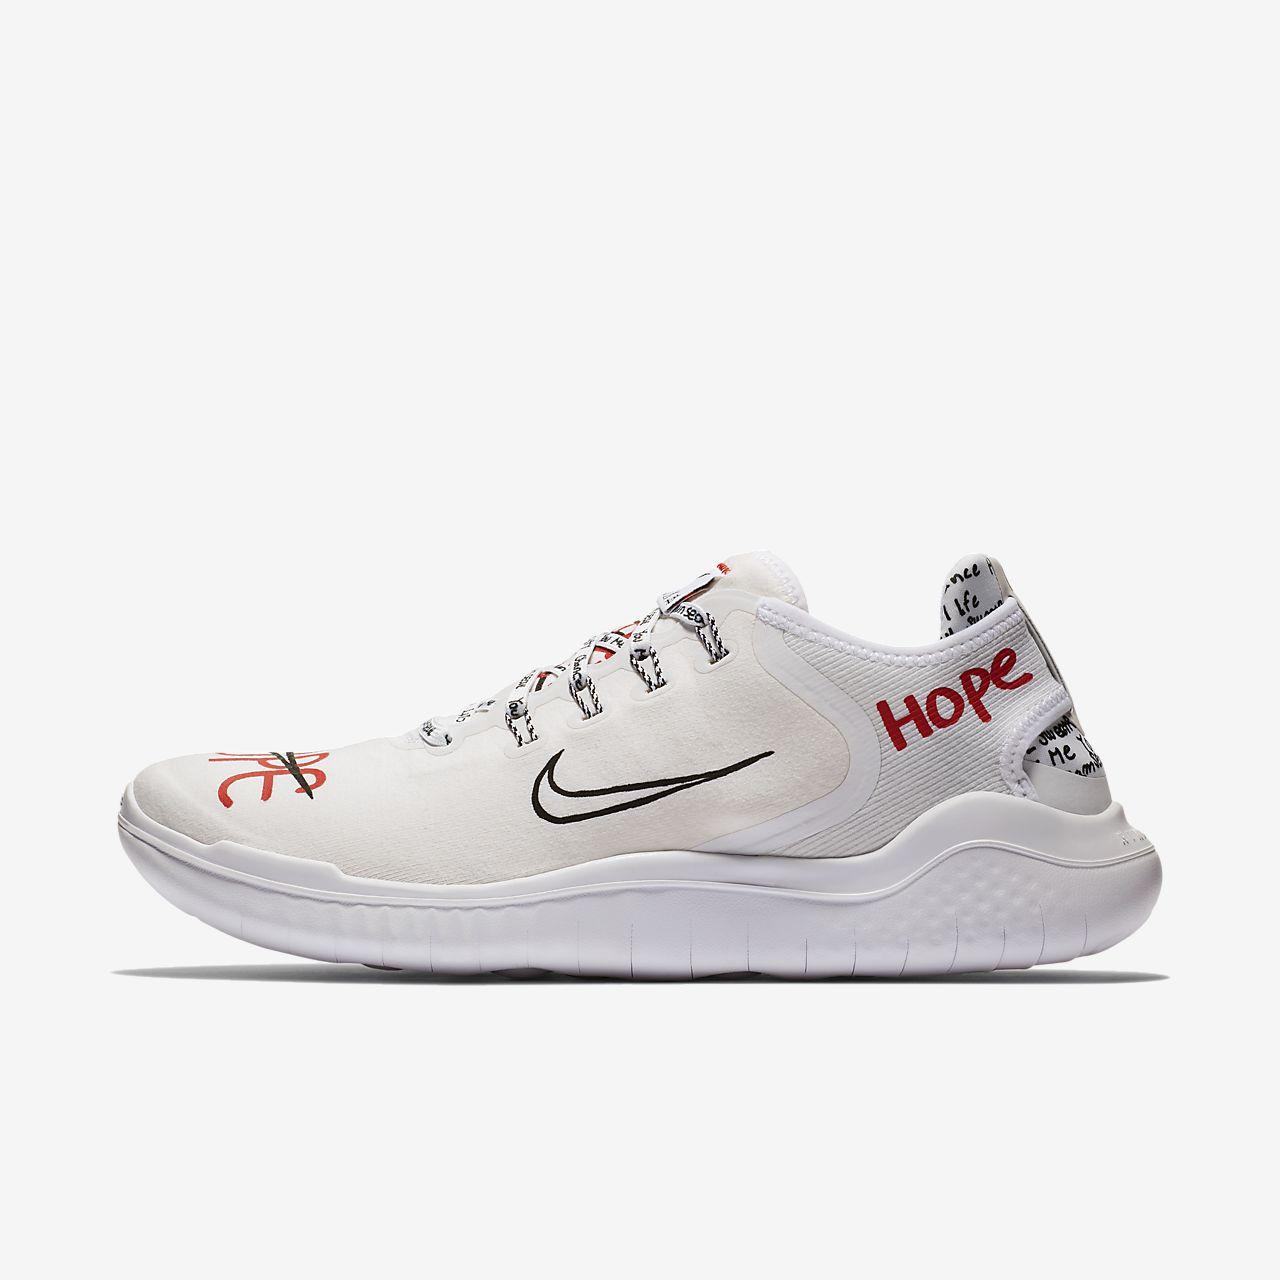 รองเท้าวิ่งผู้ชาย Nike x Novo Free RN 2018 T-Shirt for Your Feet